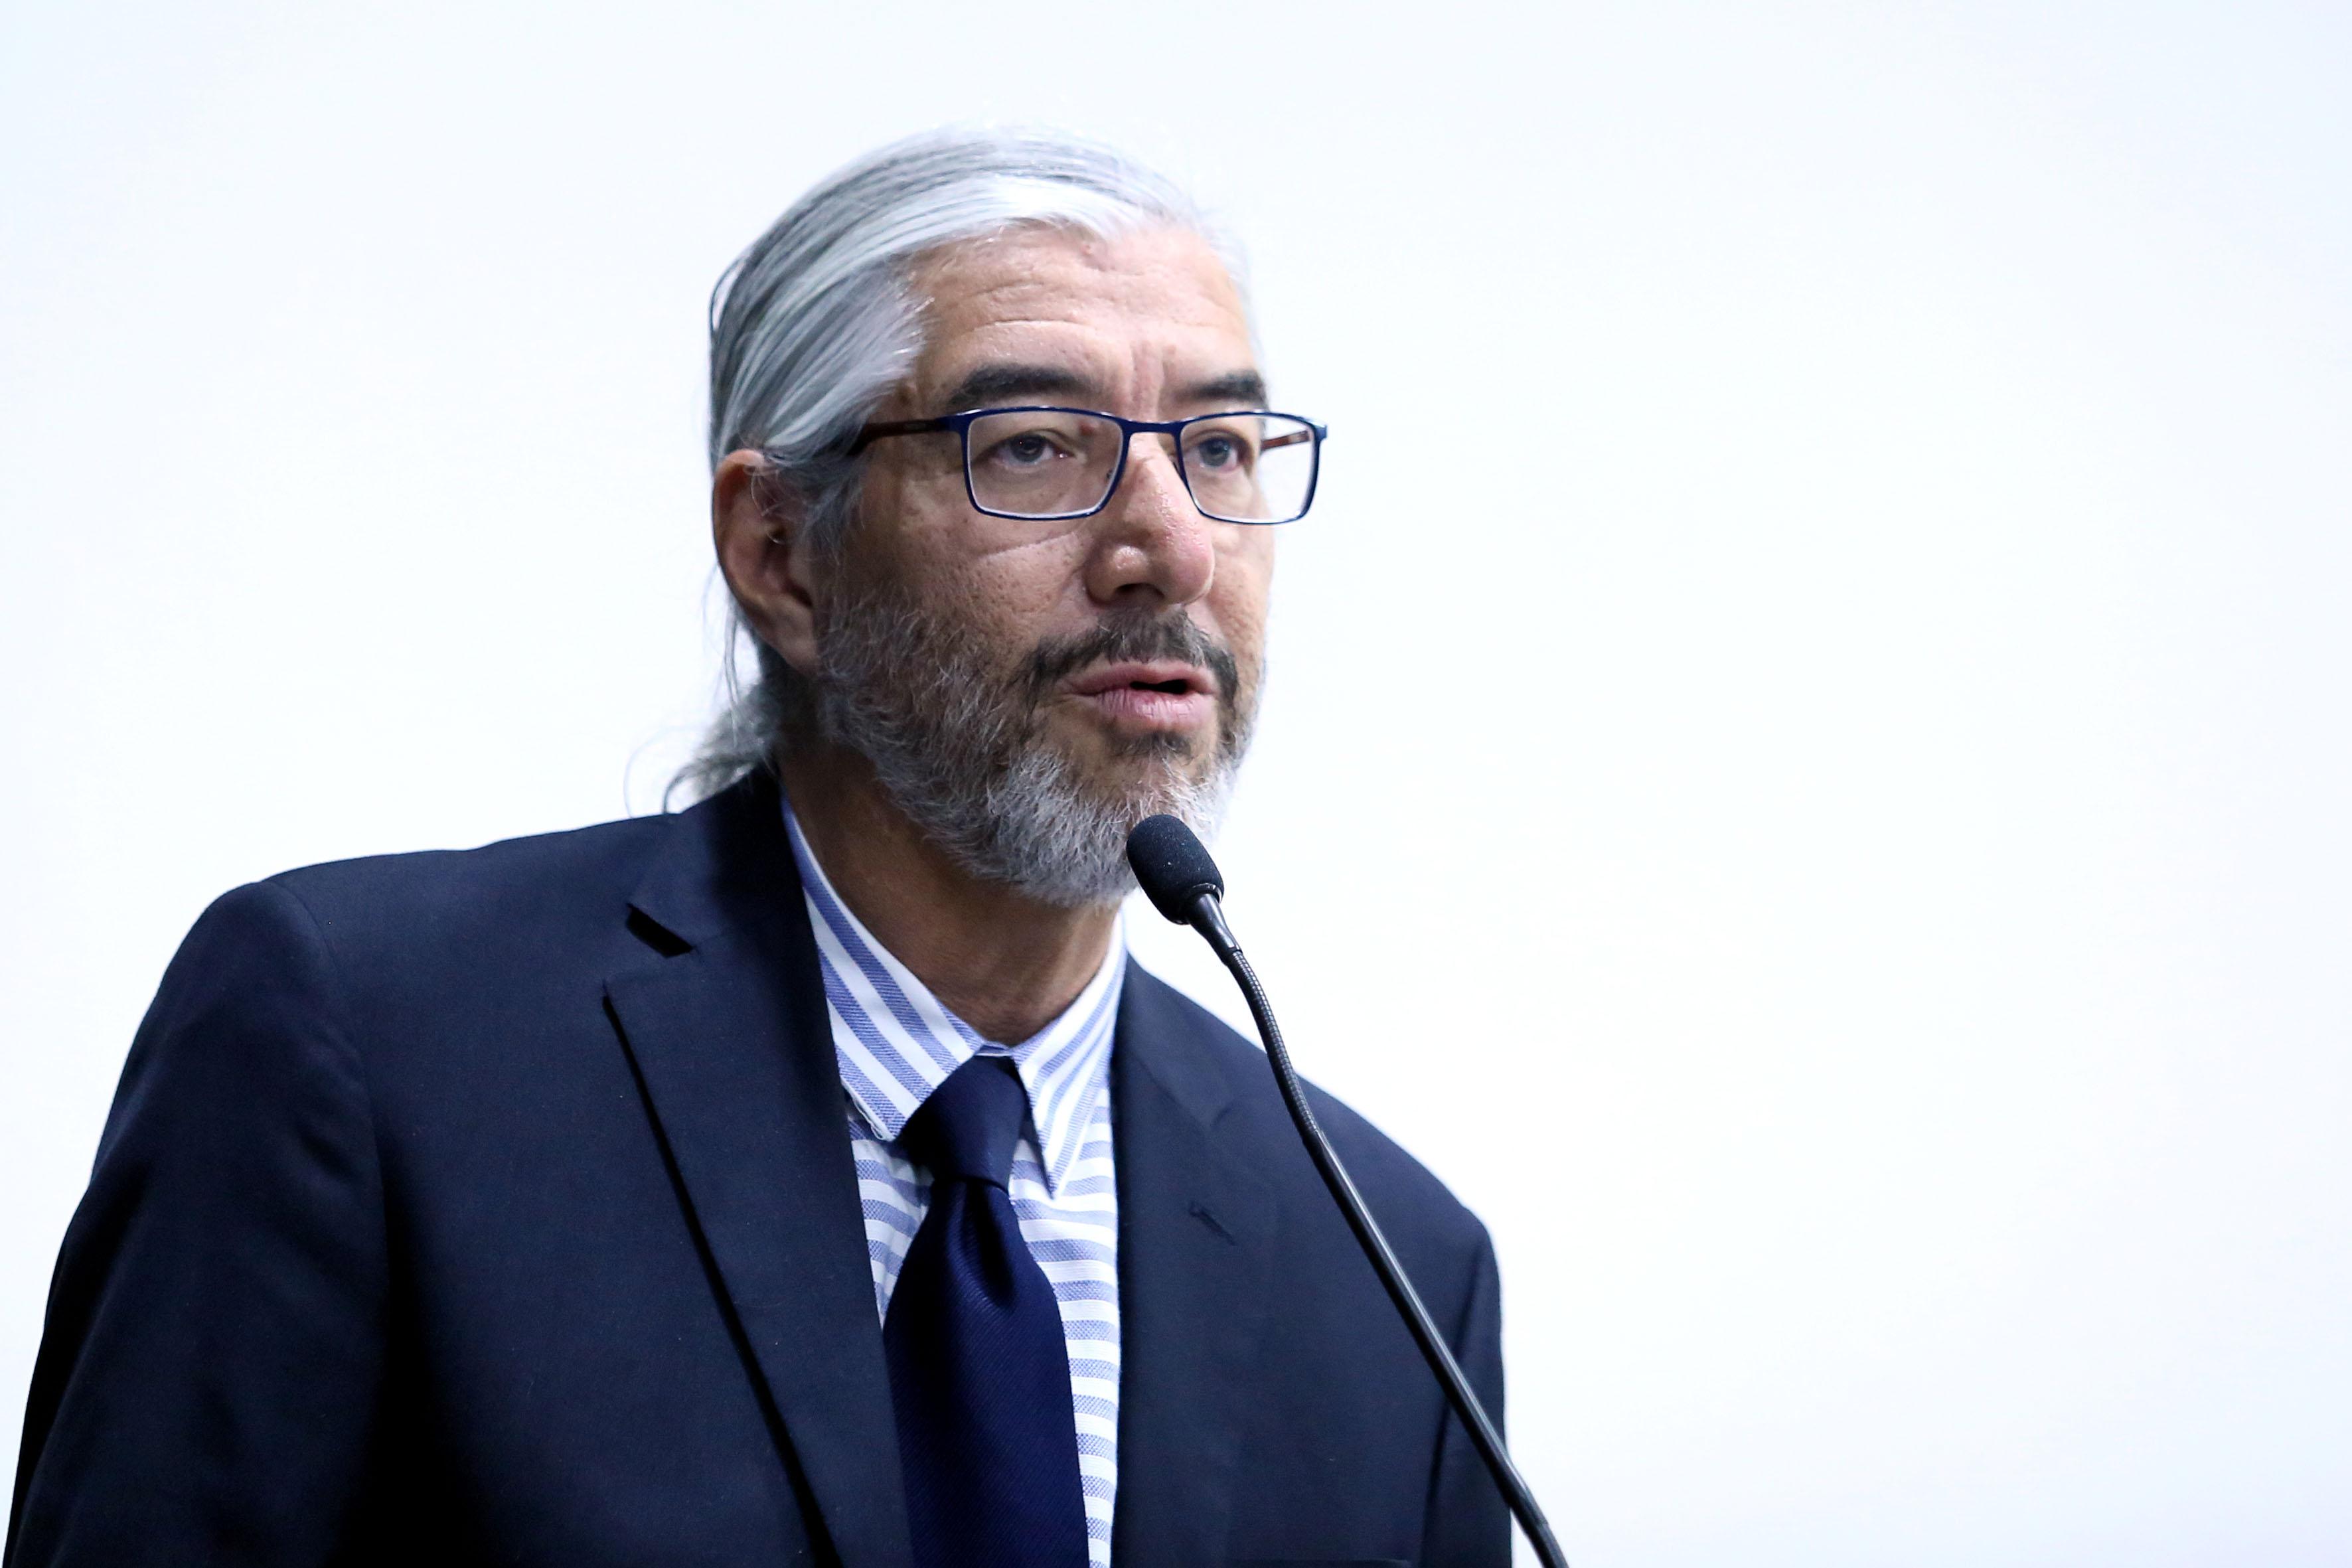 Dr. Francisco Hernández Lomelí, profesor investigador, en representación del jefe del DECS, doctor Guillermo Orozco Gómez.